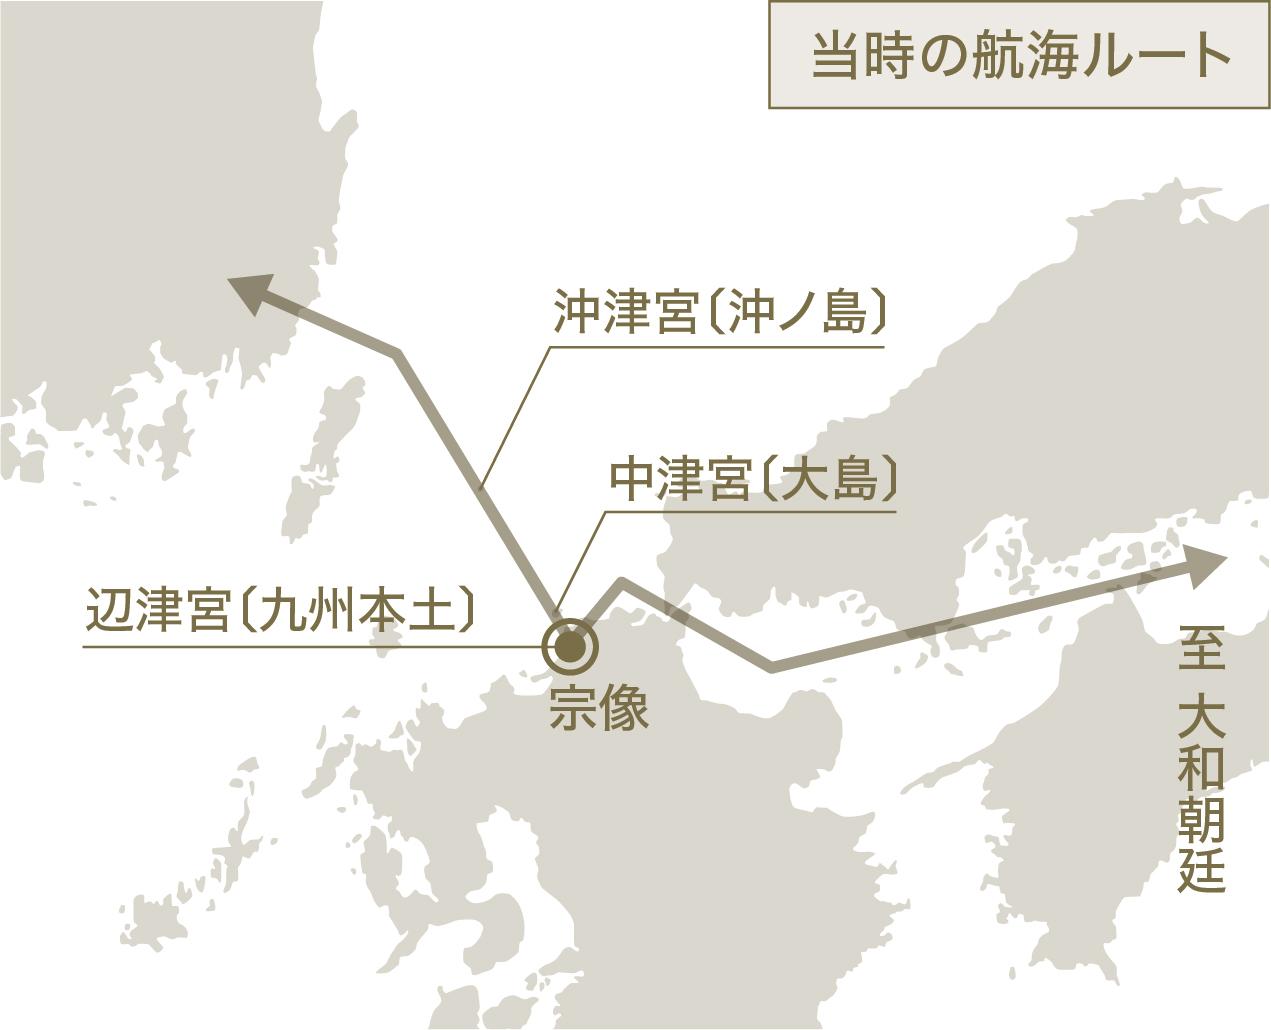 当時の航海ルート